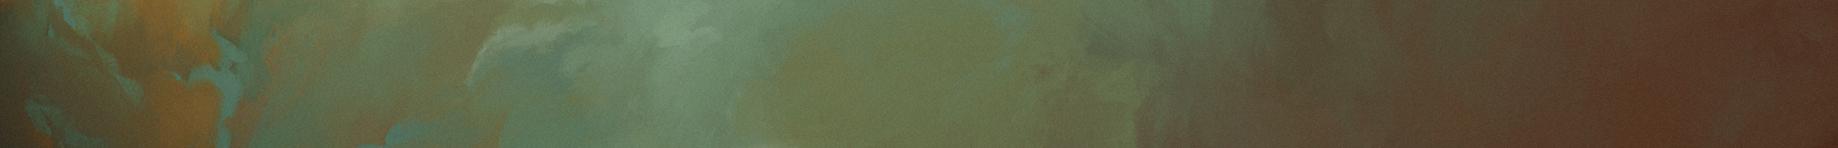 <div class='title'>           texture01-qnel7m         </div>